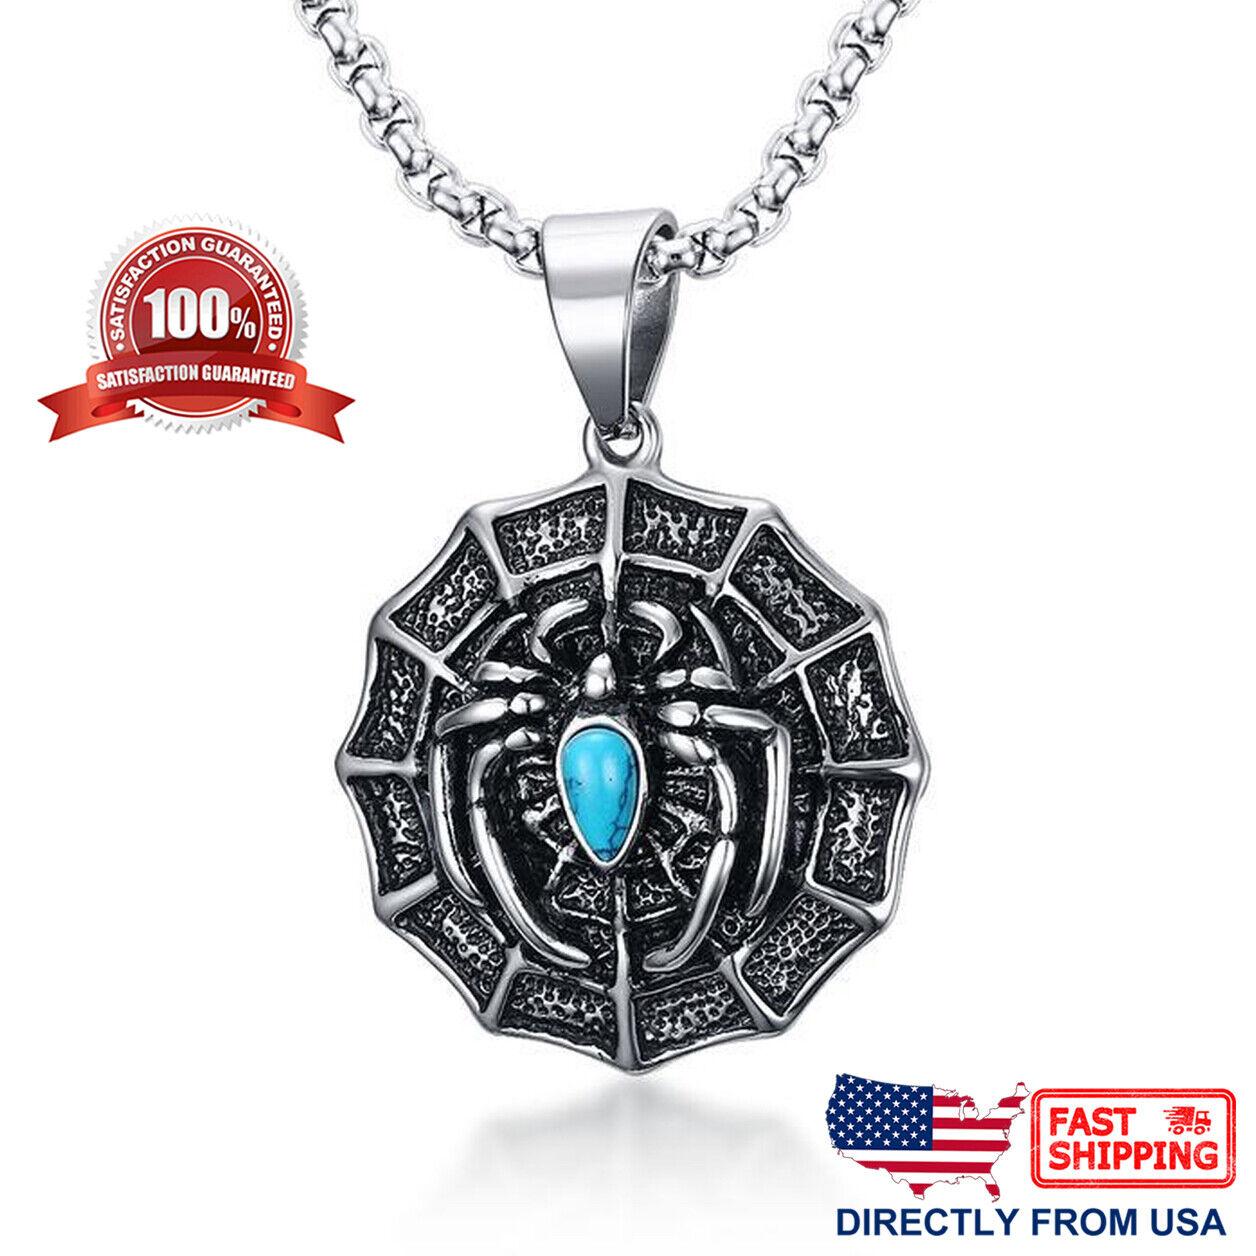 Men's Stainless Steel Spiker Web Biker Pendant Necklace Chains, Necklaces & Pendants